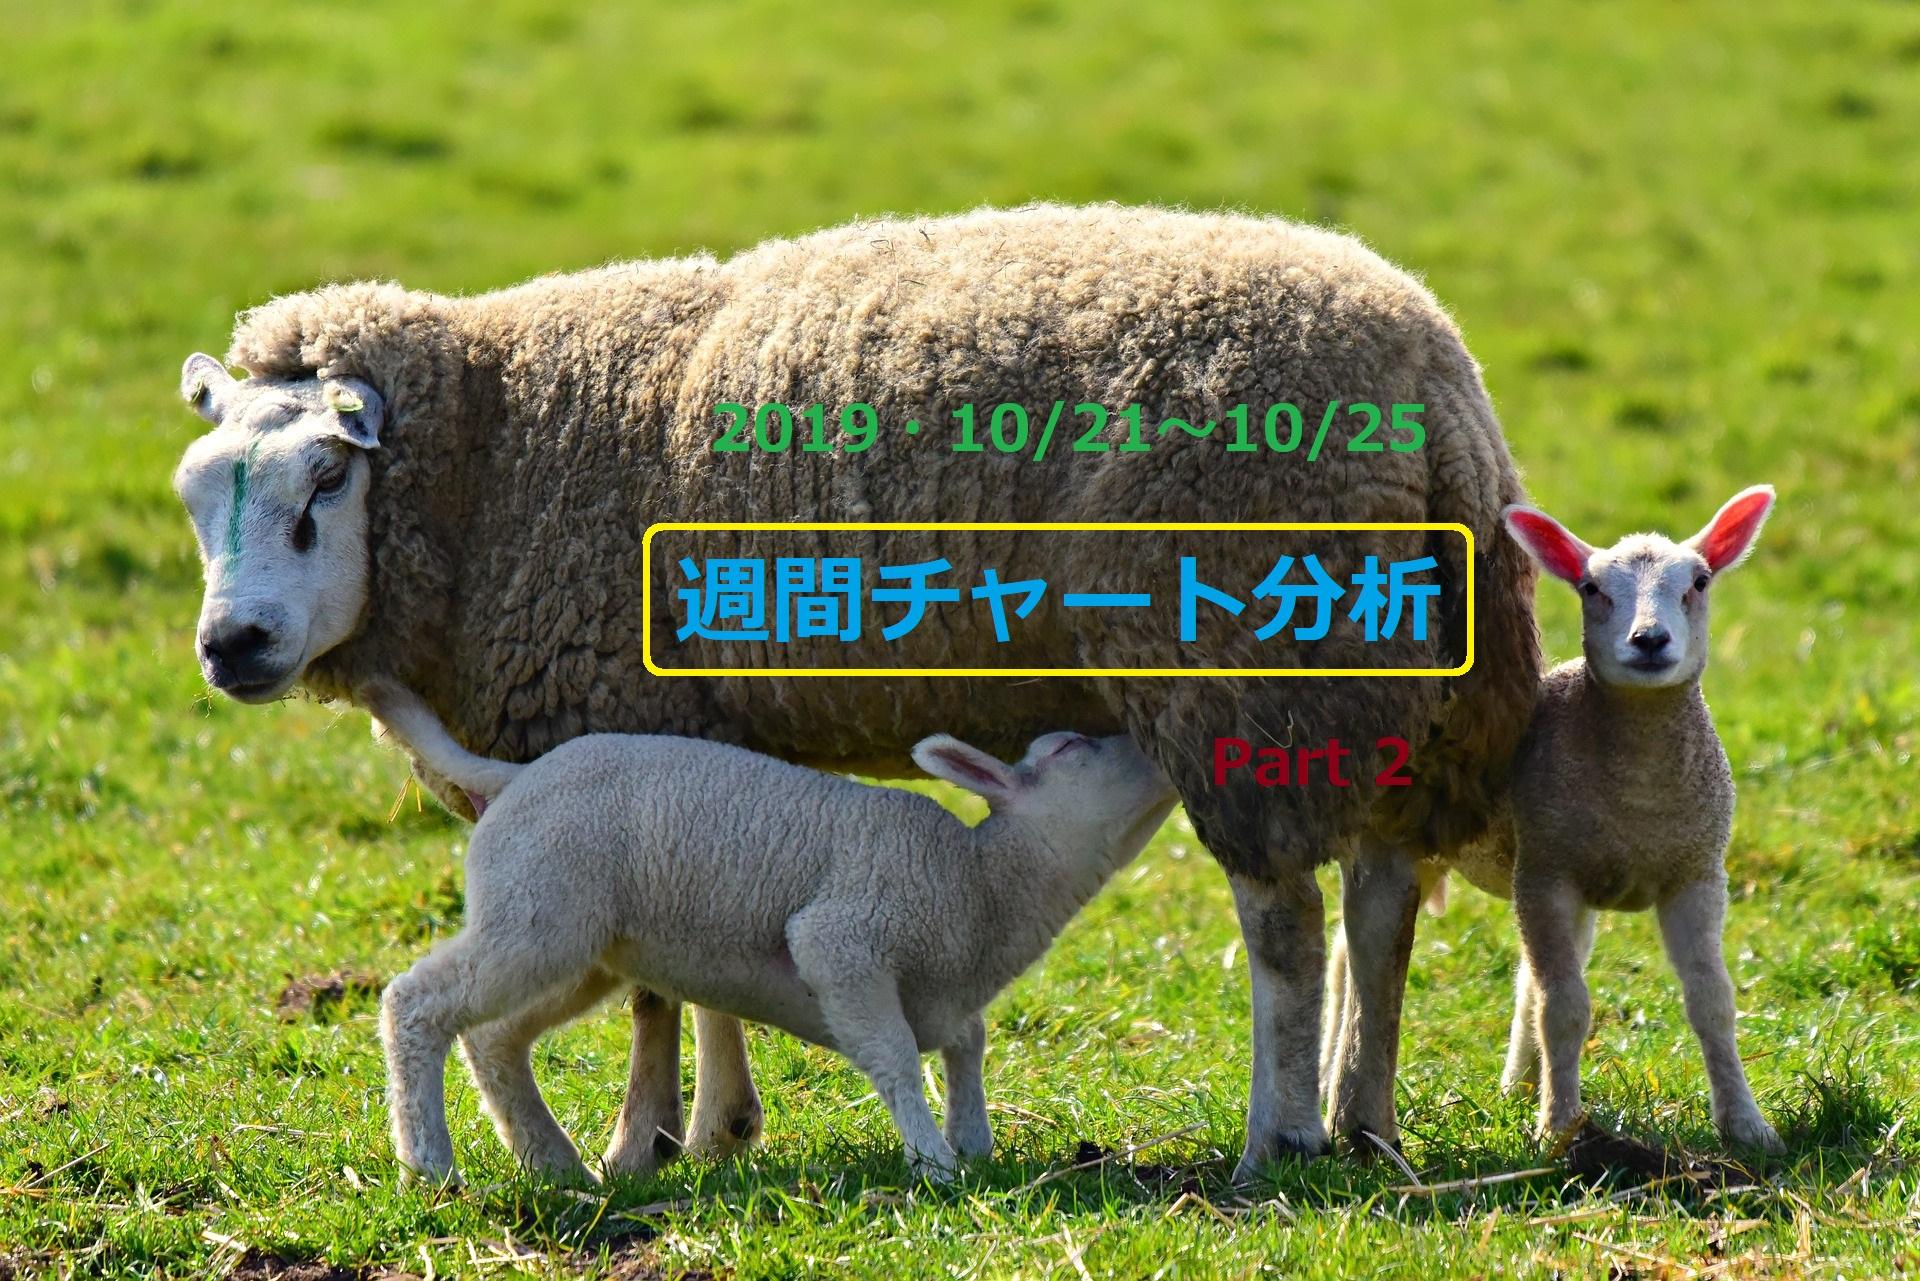 【FX】週間チャート分析【2019・10/21~10/25】【Part 2】